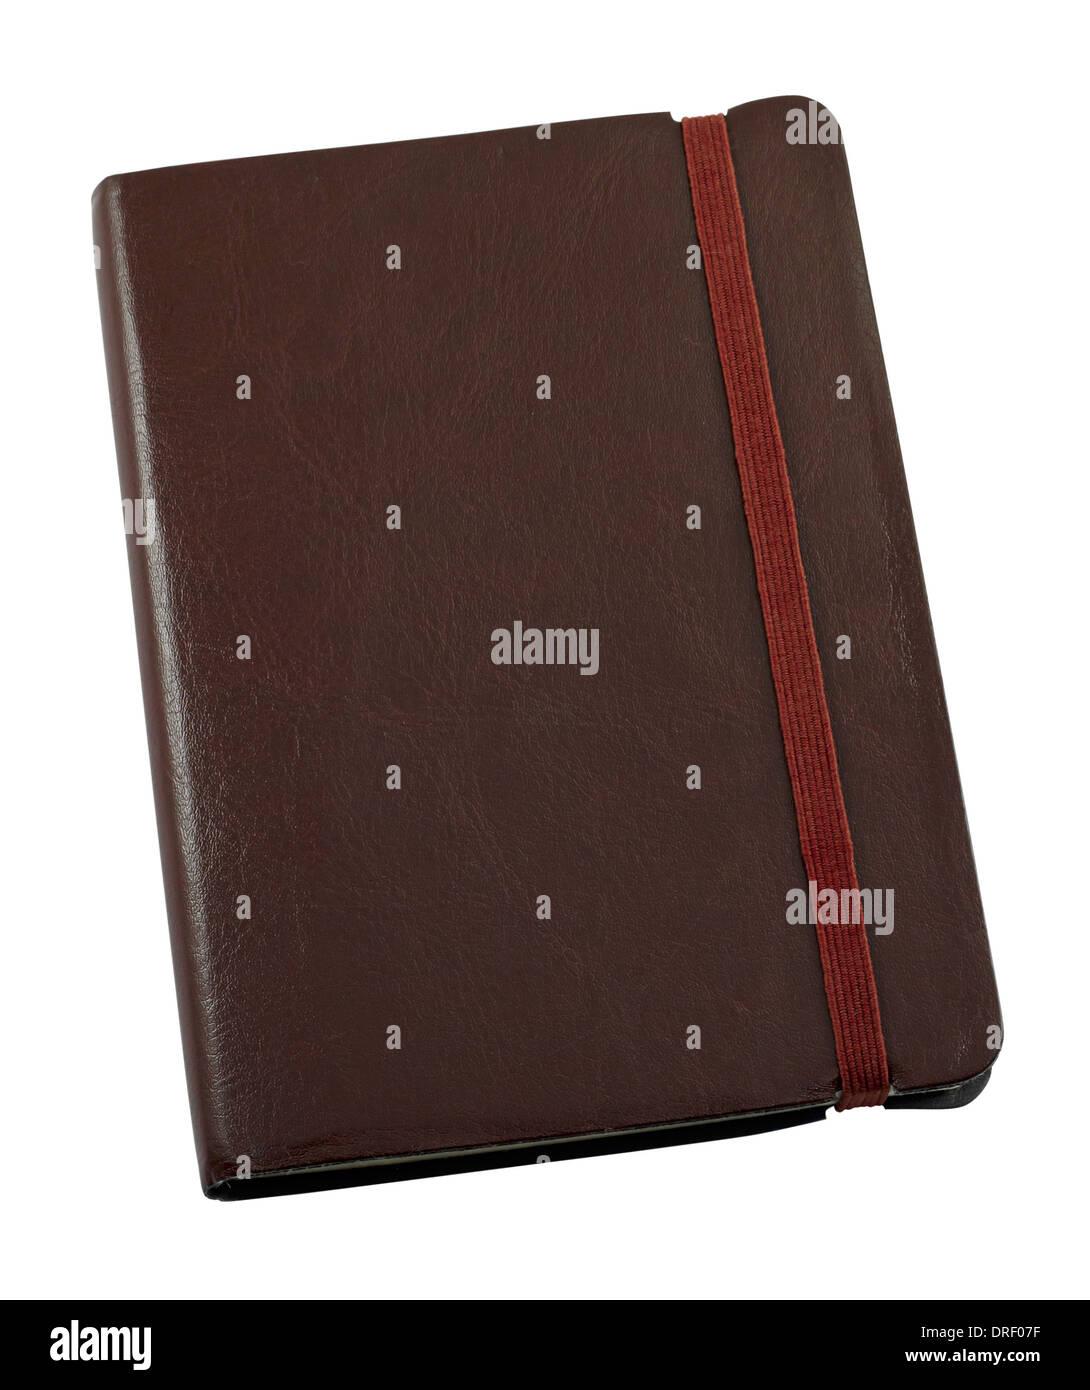 Un format de poche relié en cuir à un journal pour garder une trace écrite à la main de souvenirs Photo Stock